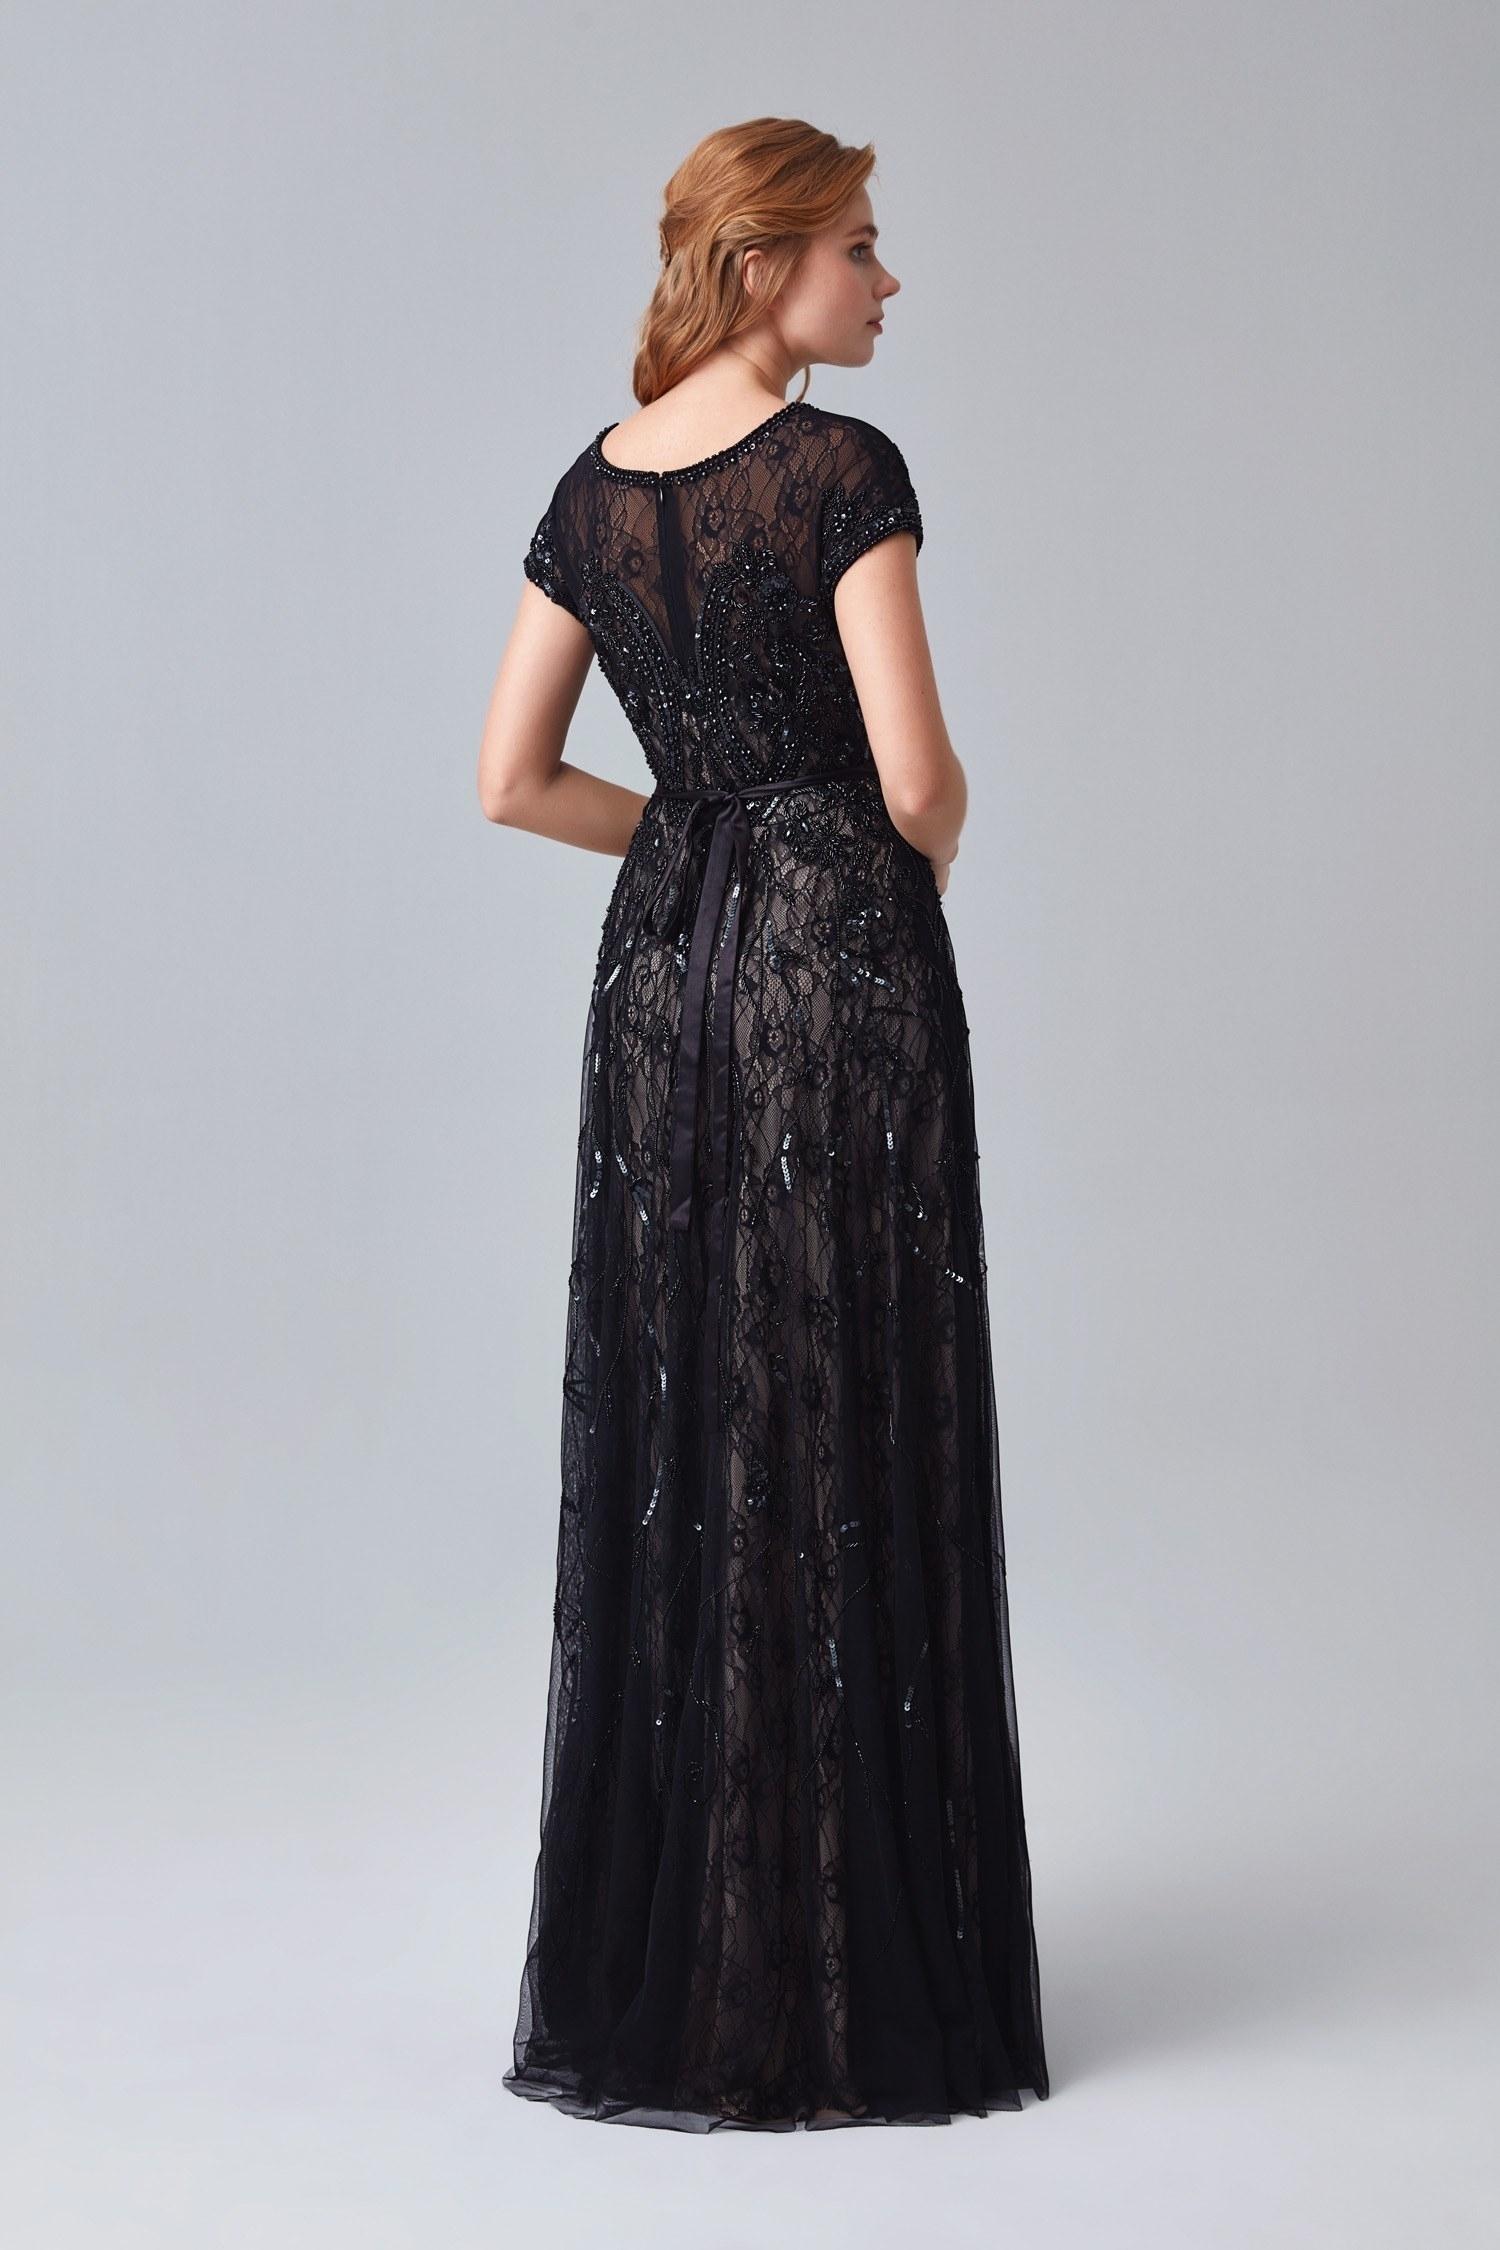 Siyah İllüzyon Yaka Kısa Kollu Payetli Uzun Büyük Beden Abiye Elbise - Thumbnail